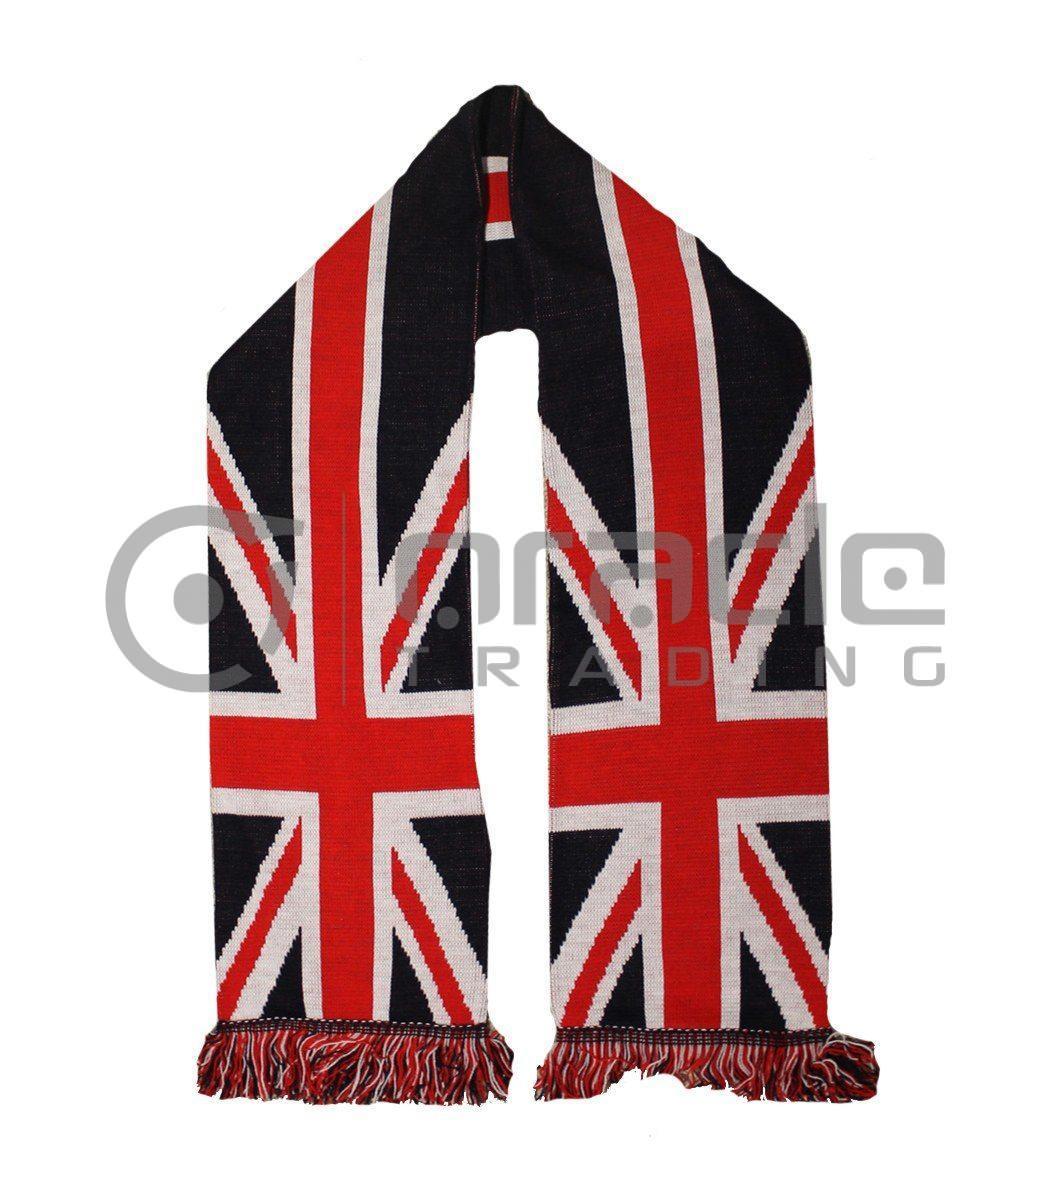 Union Jack UK-Made Scarf